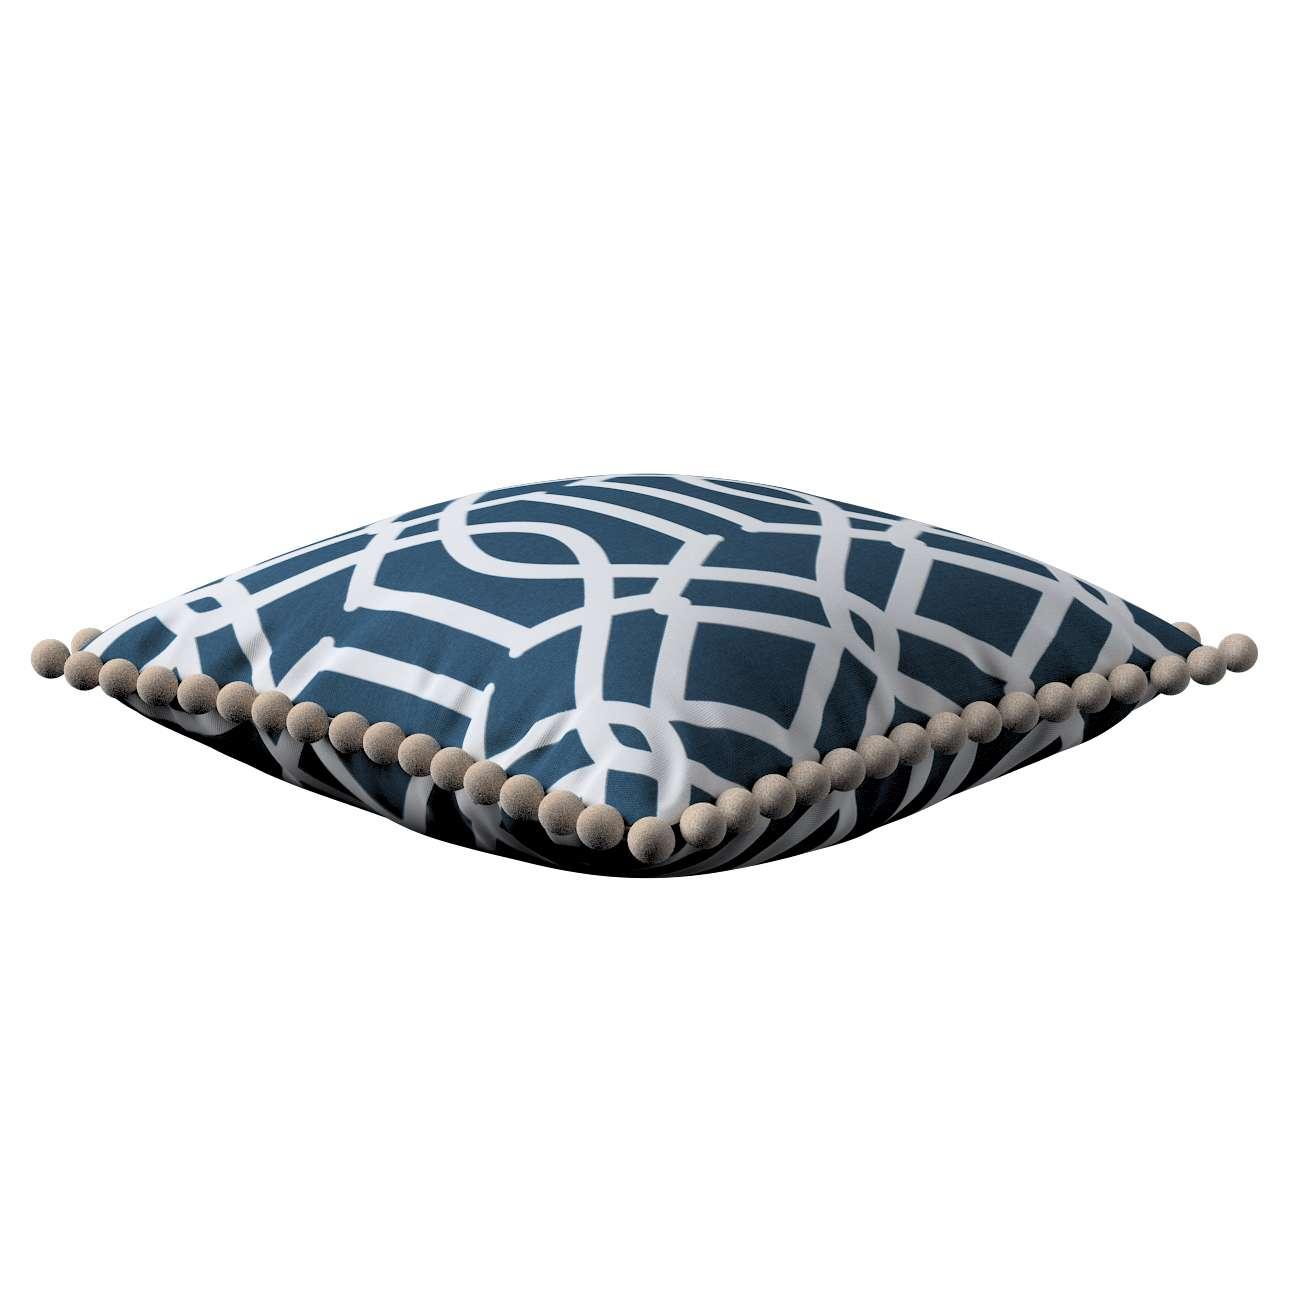 Wera dekoratyvinės pagalvėlės užvalkalas su žaismingais kraštais 45 x 45 cm kolekcijoje Comics Prints, audinys: 135-10